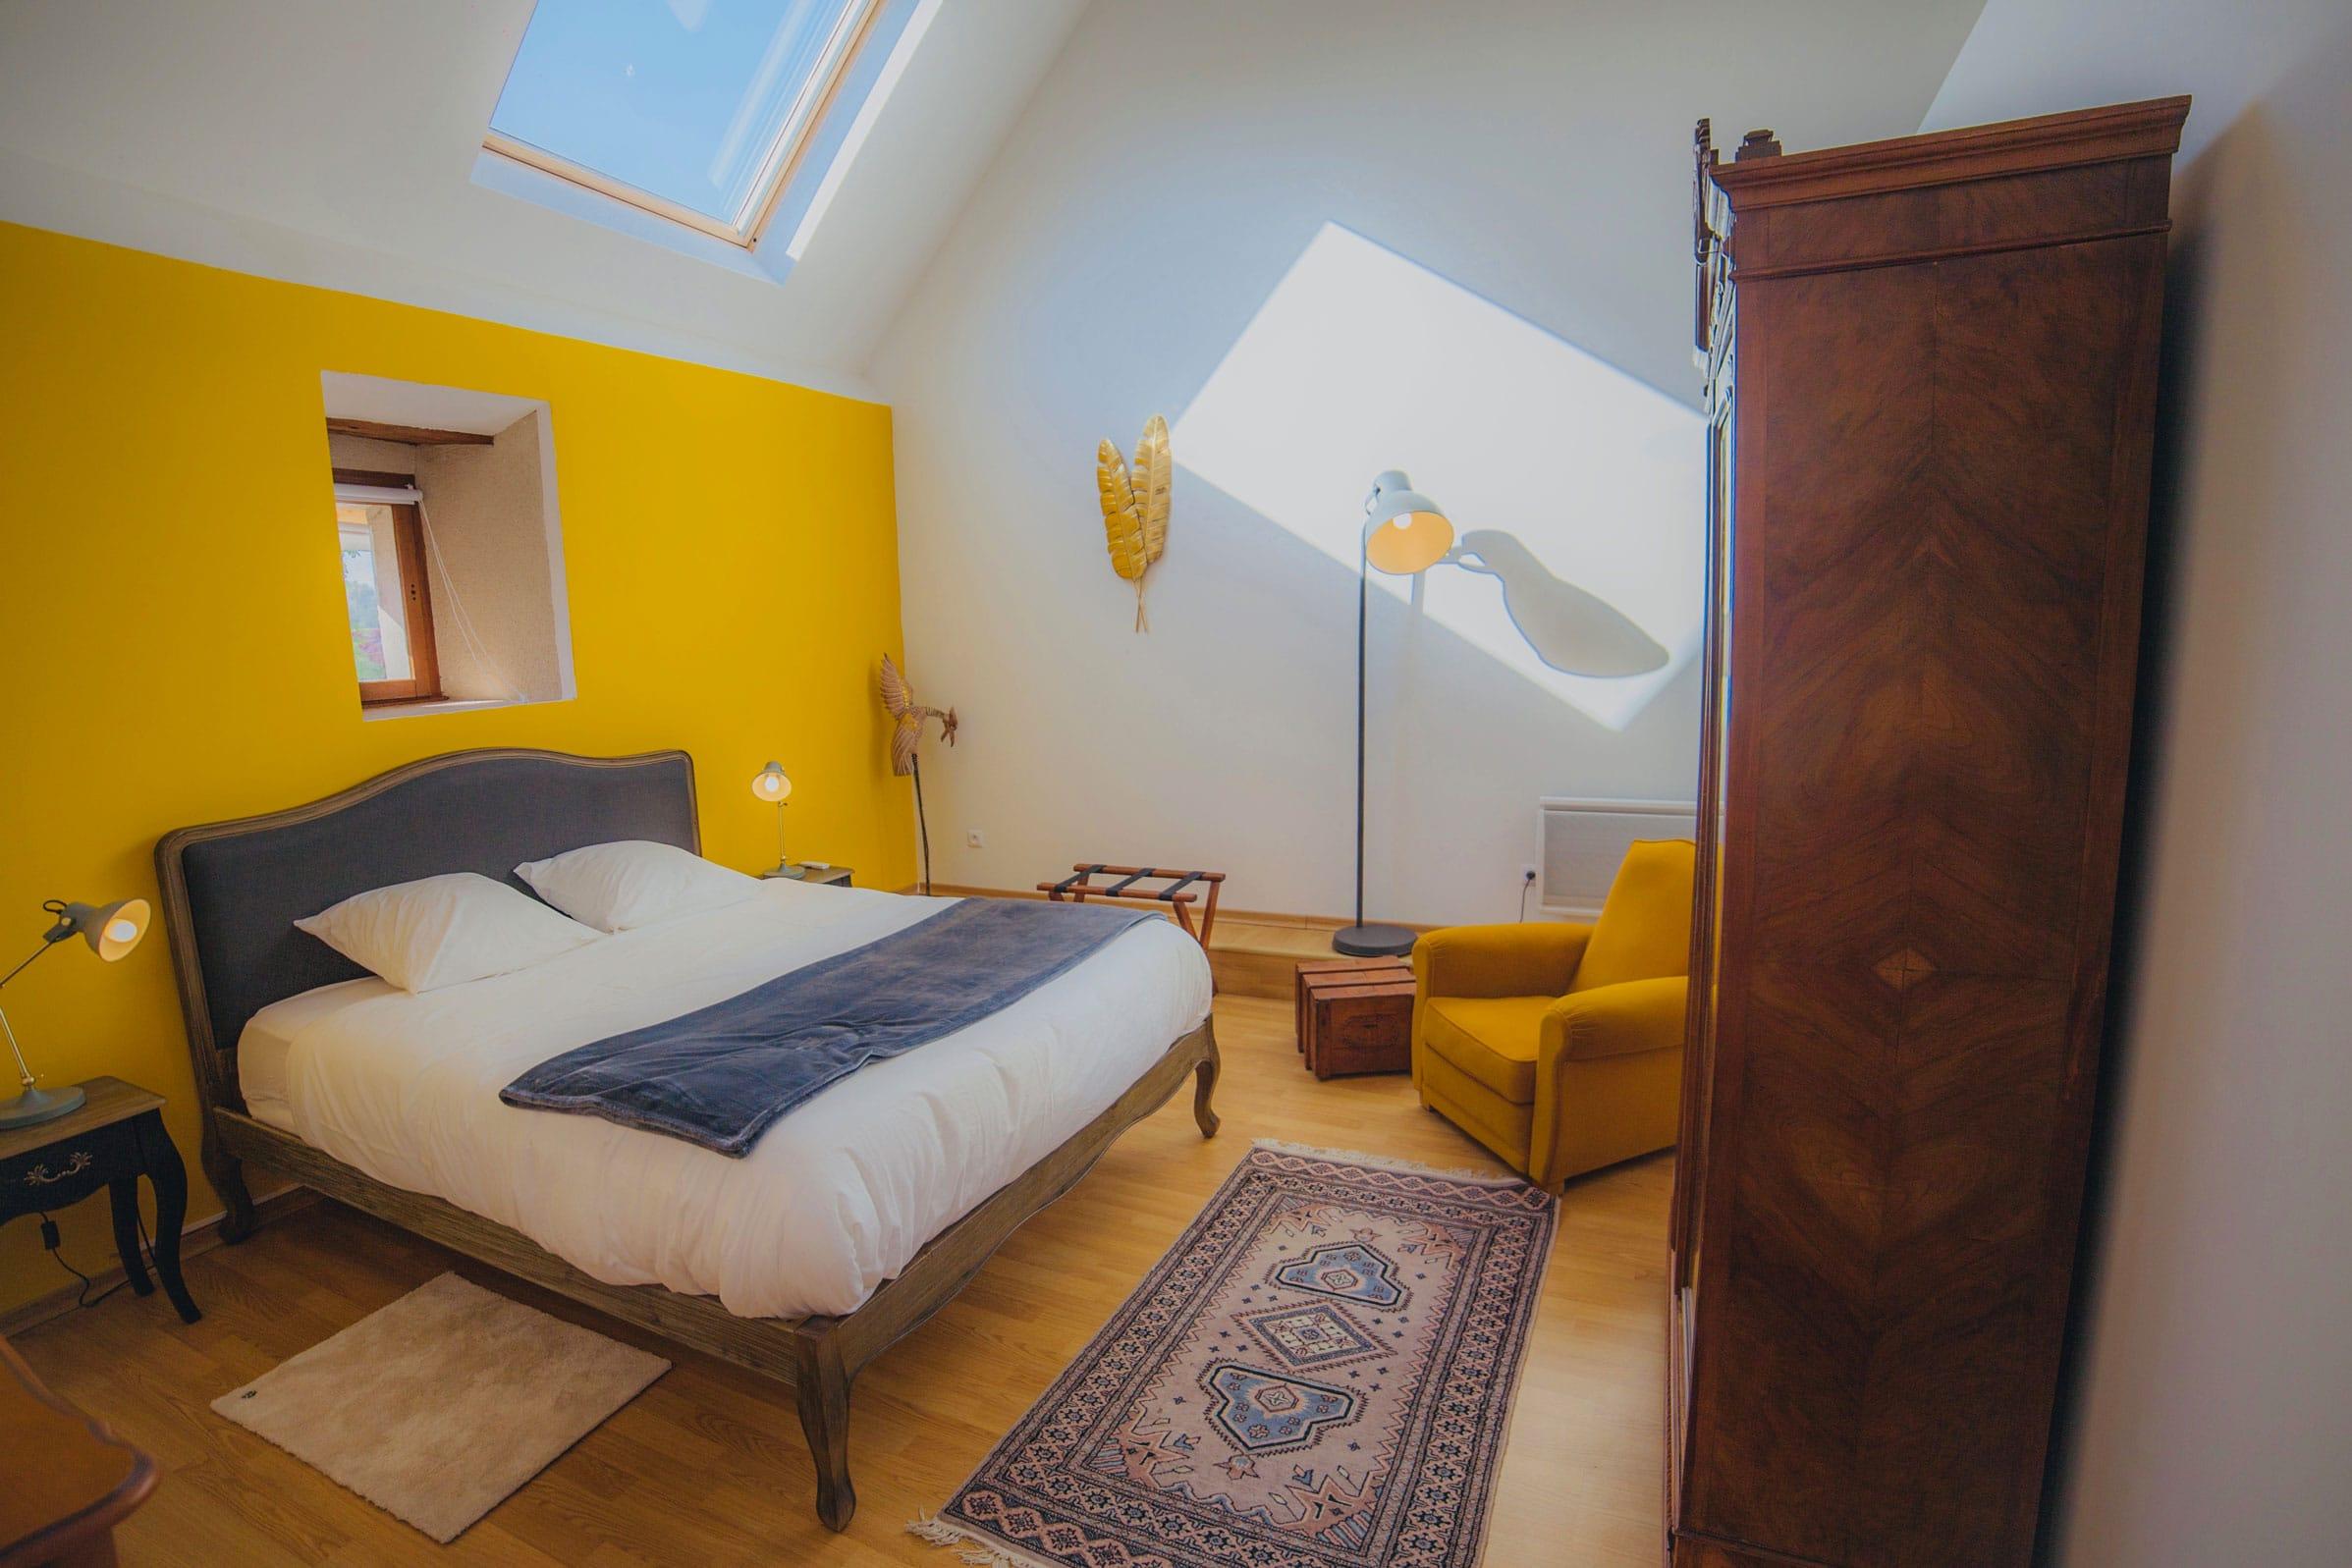 Chambres d\'hôtes - Le Petit Nancay - Chambres d\'hôtes située en ...